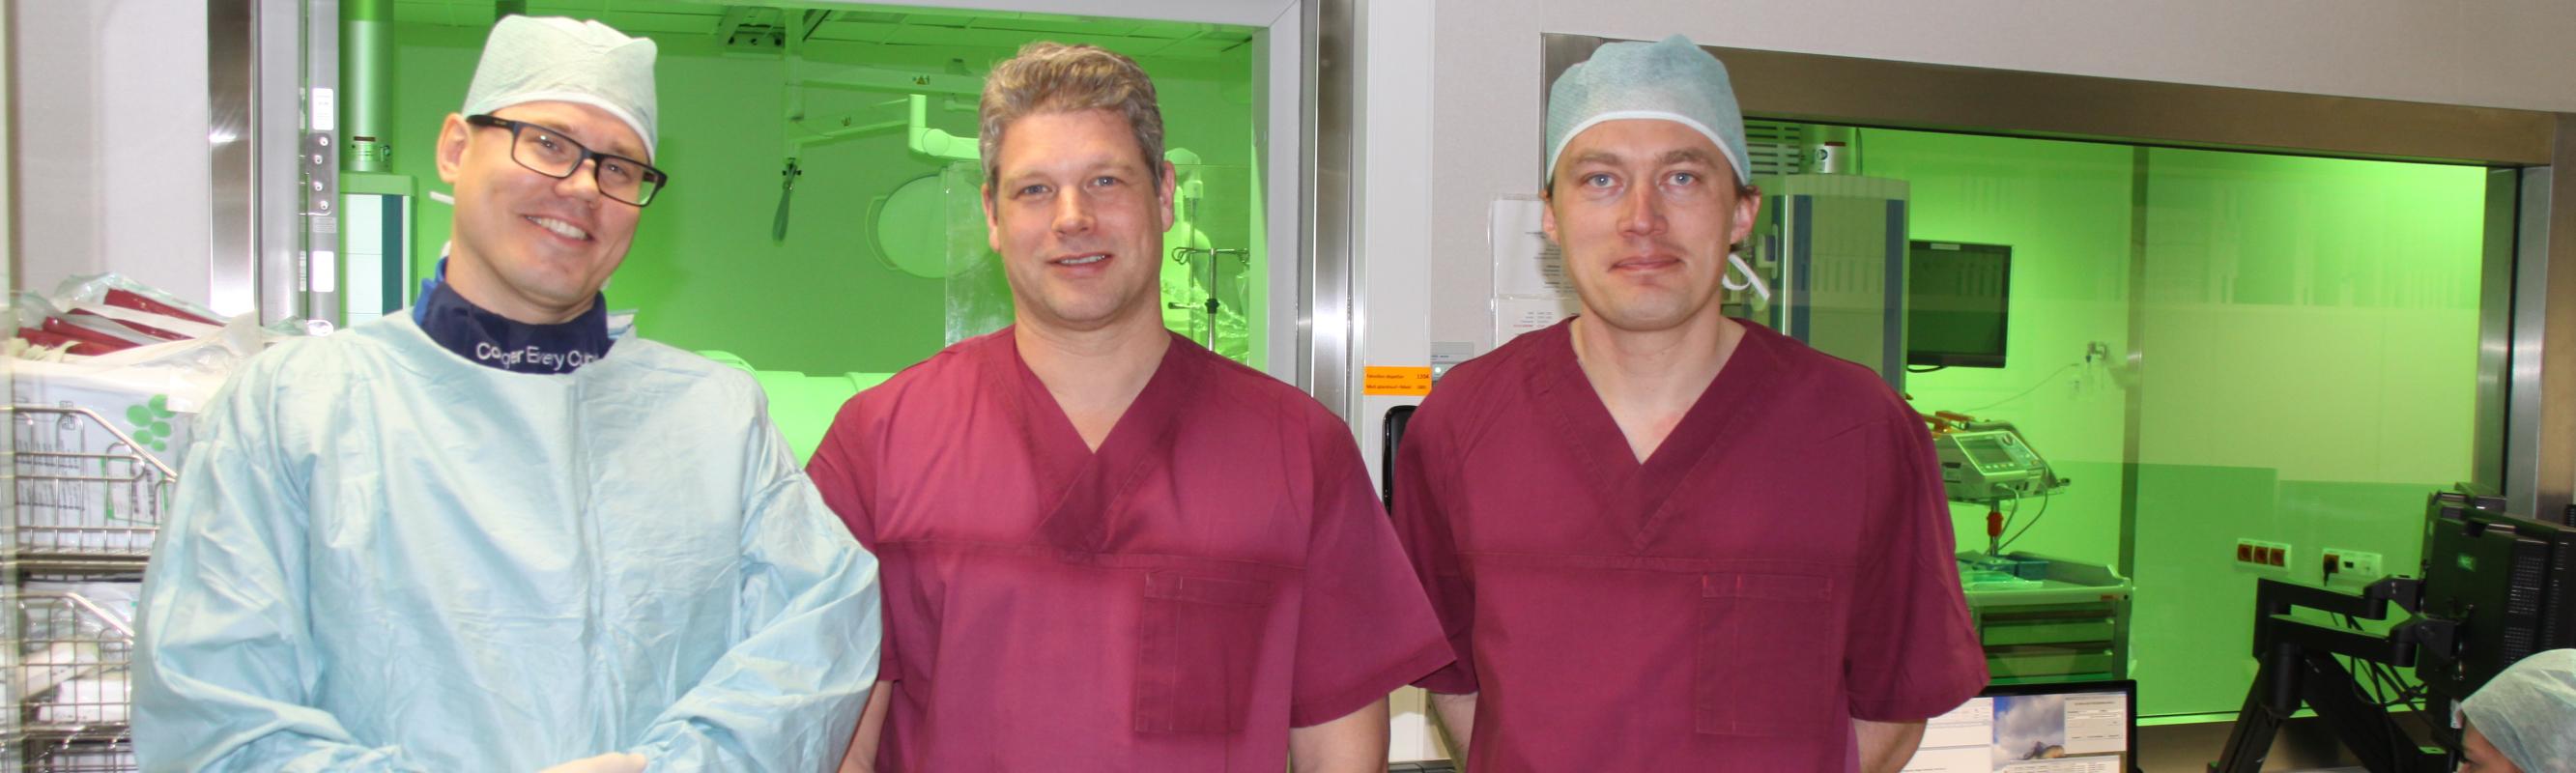 Dr Kaido Hanni, dr Erik Wissner ja dr Priit Kampus